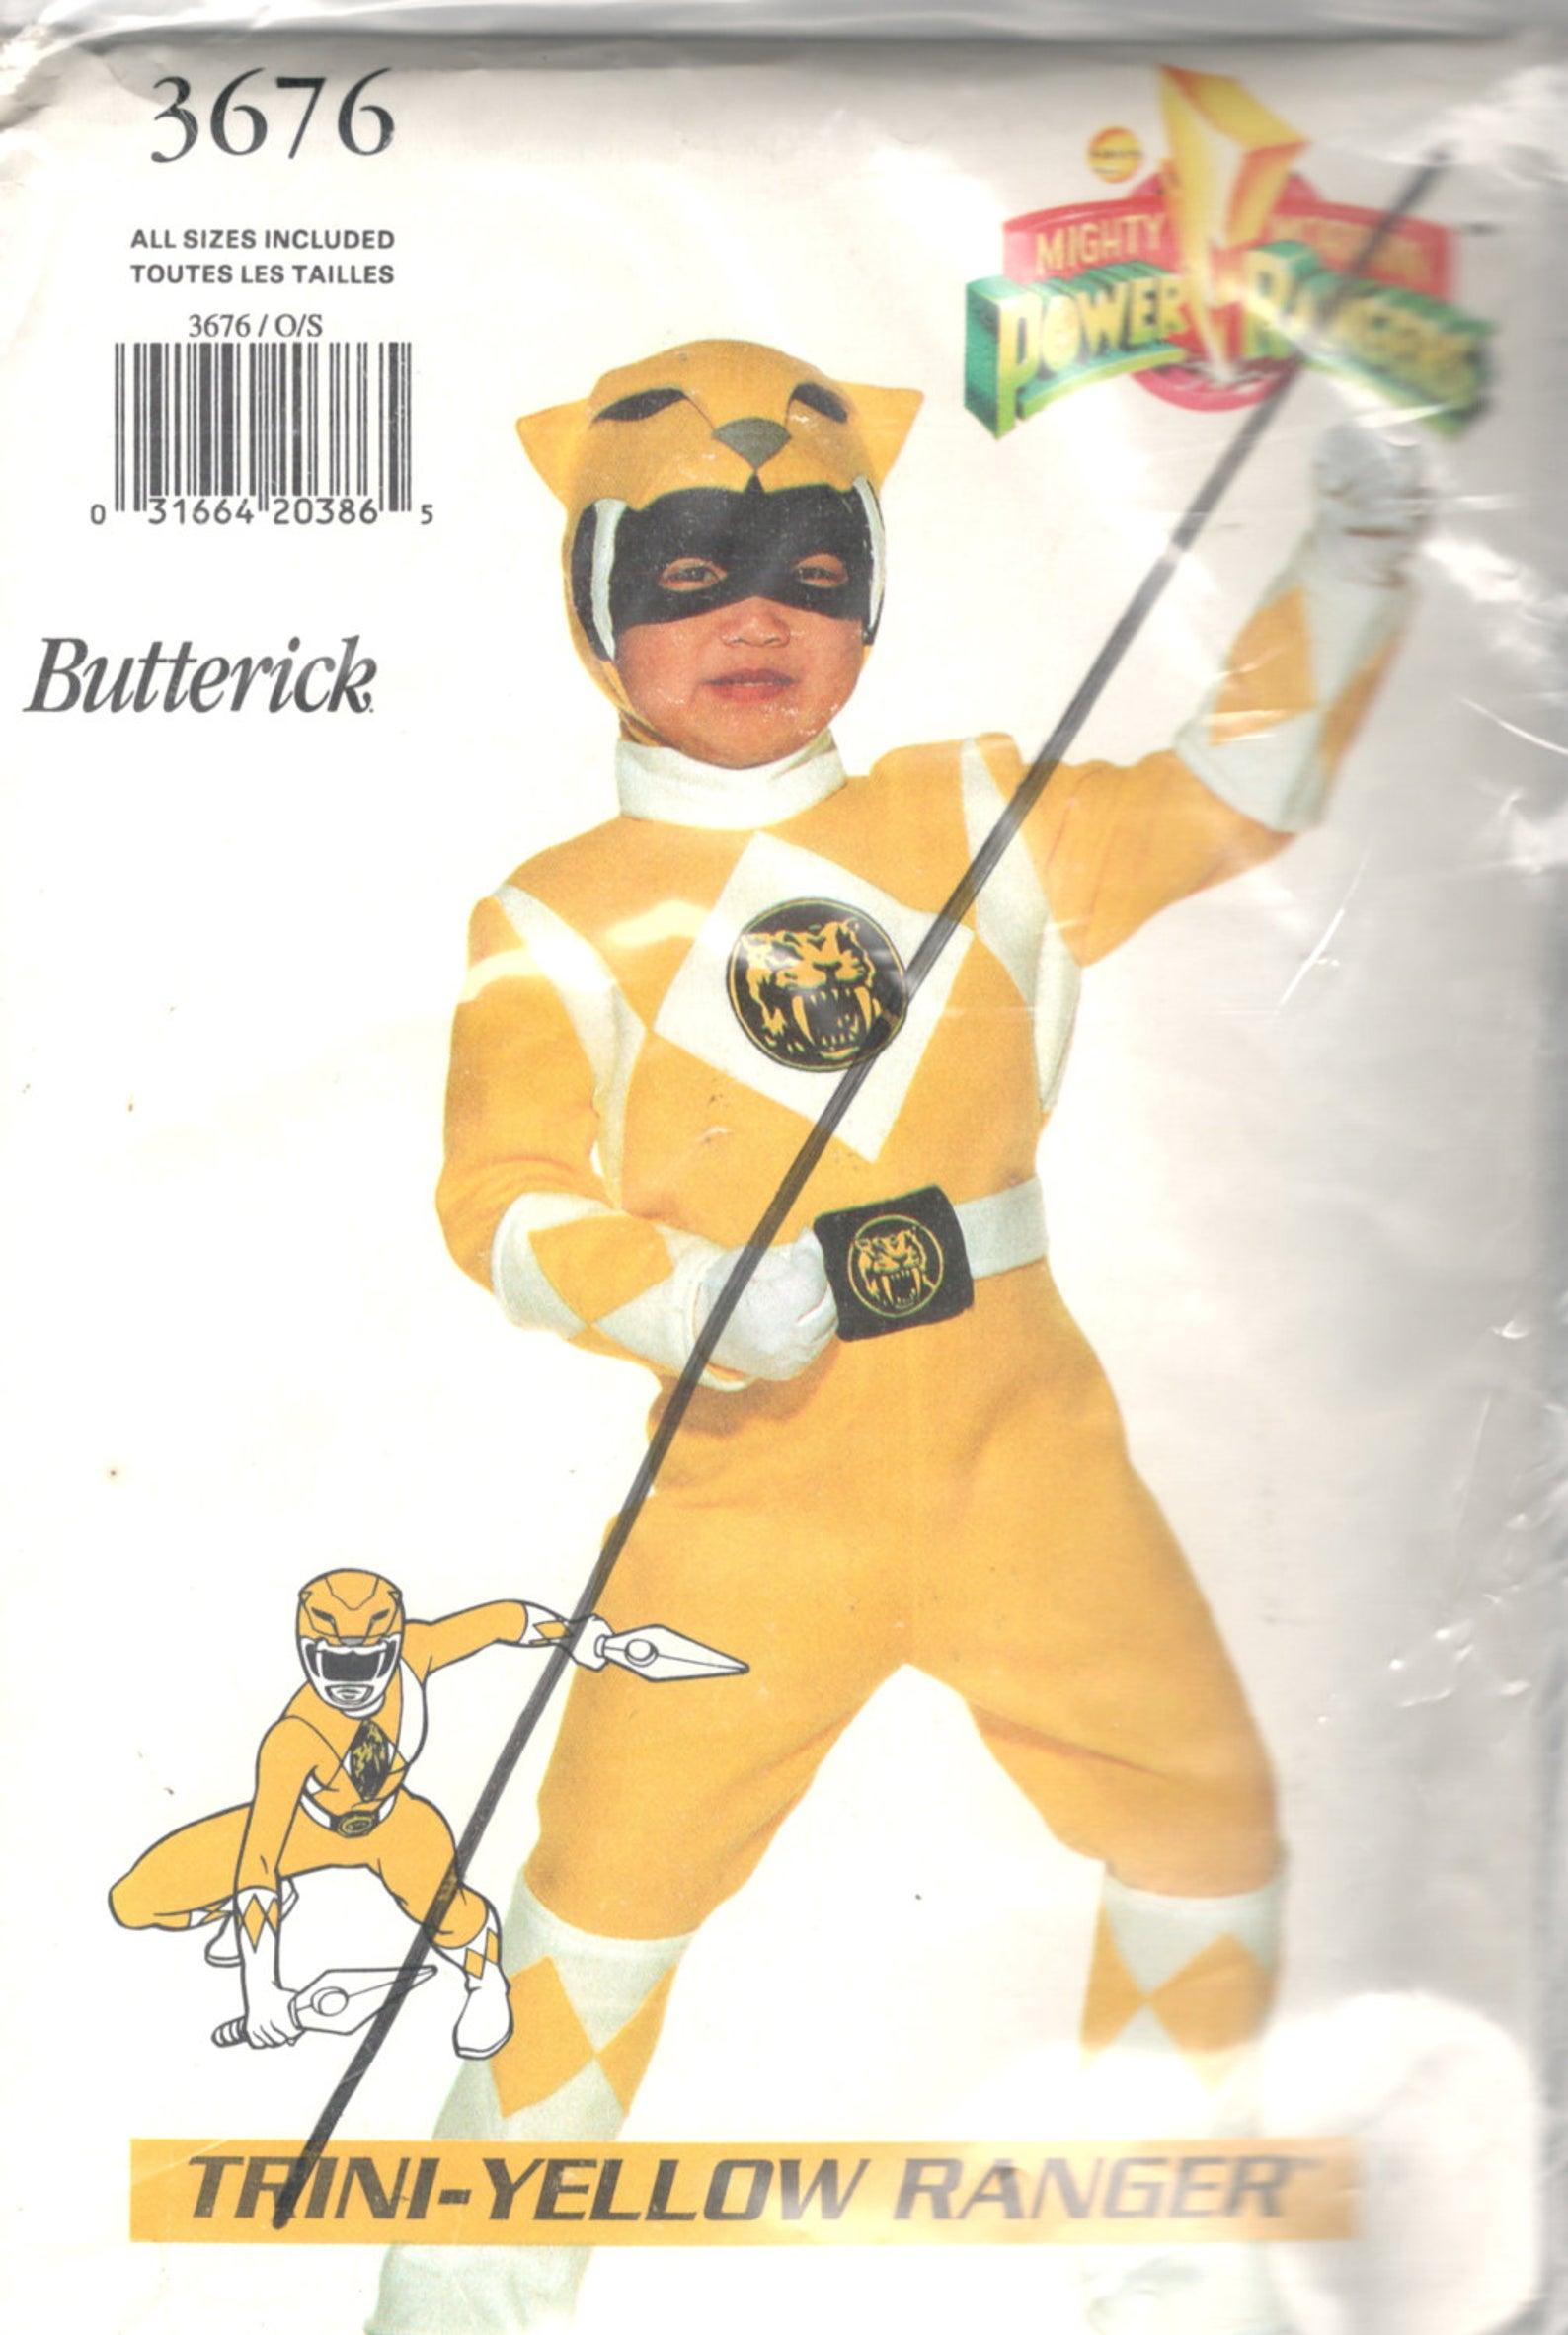 Butterick 3676 A